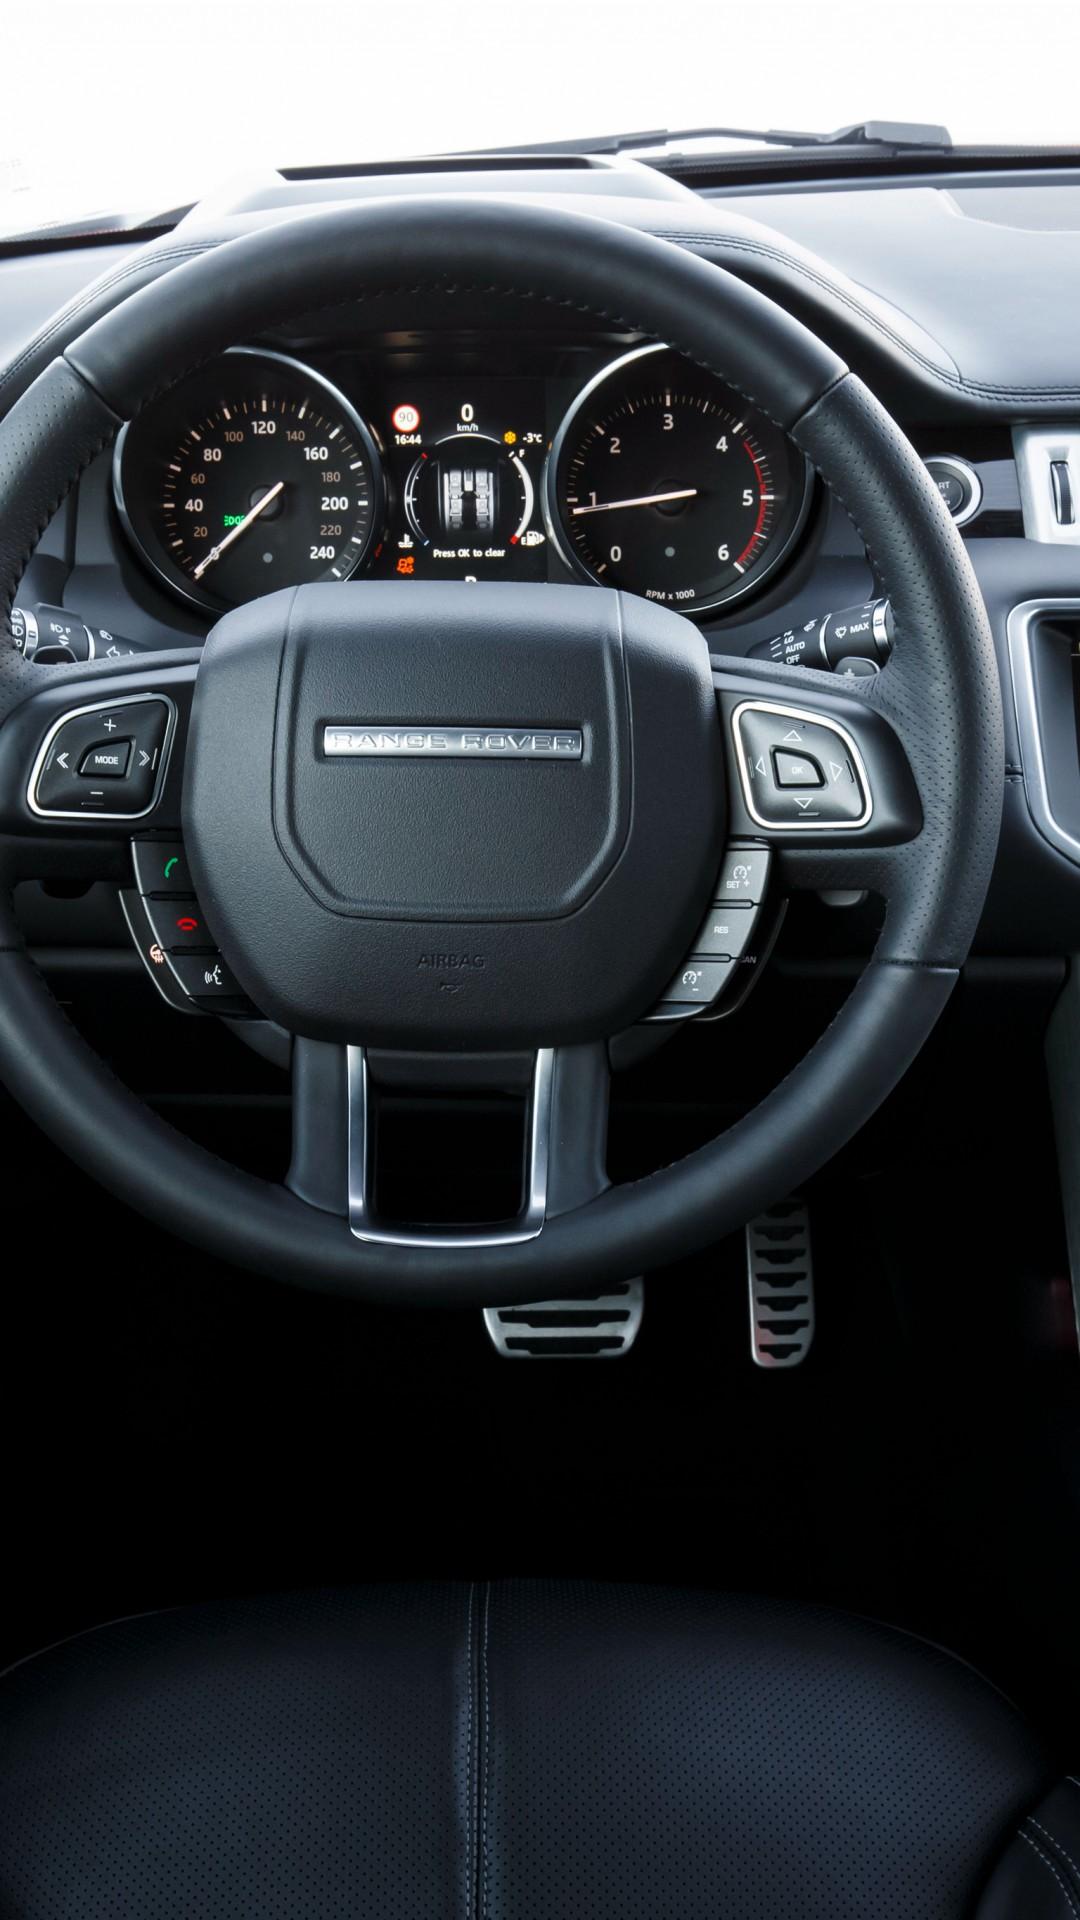 Range Rover Evoque Interior >> Wallpaper Range Rover Evoque Convertible, cabriolet ...